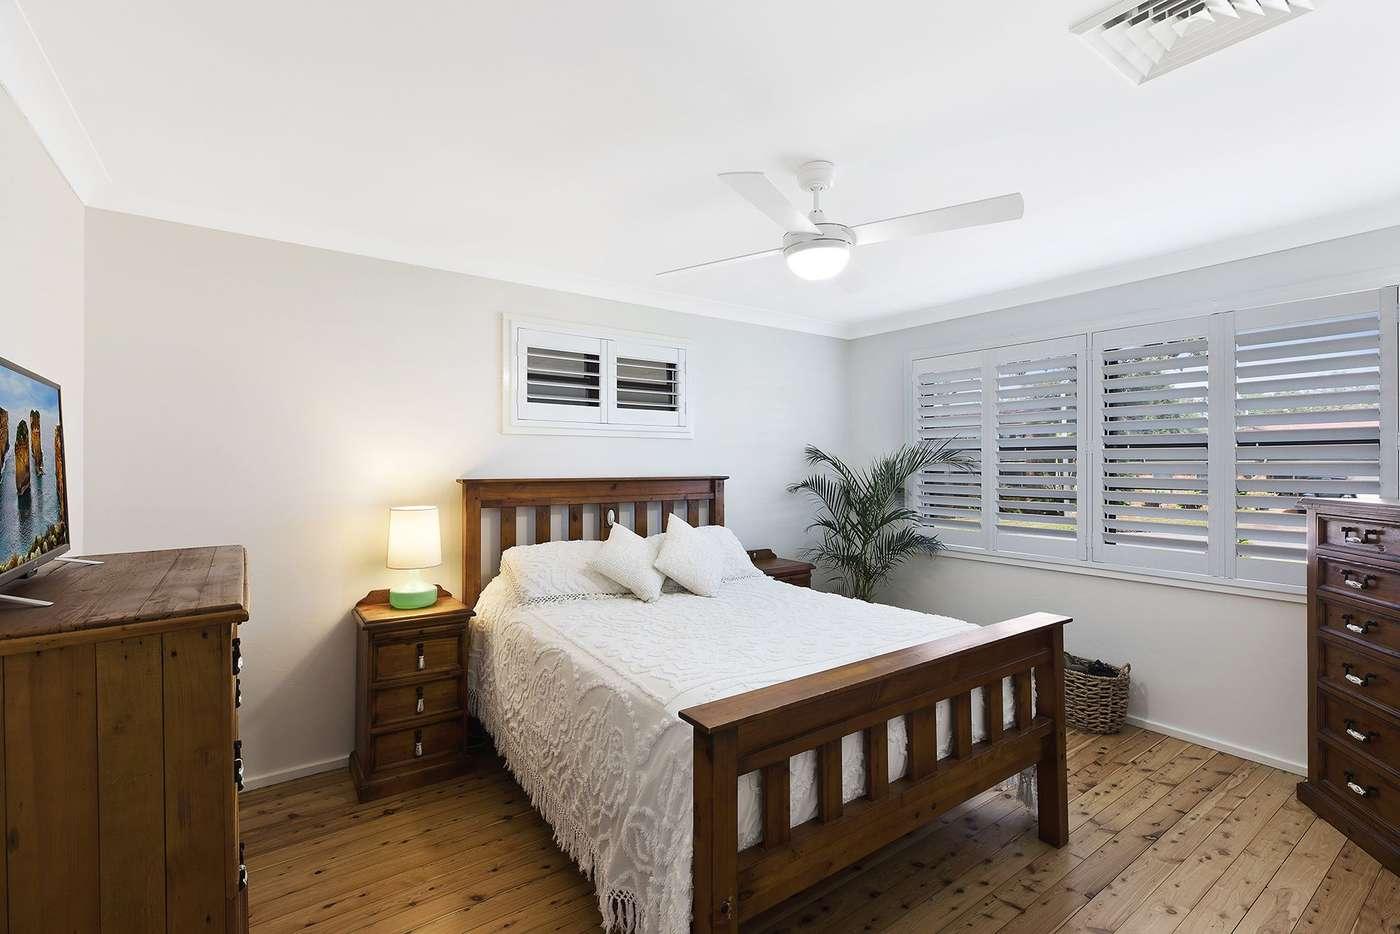 Fifth view of Homely house listing, 39 Huene Avenue, Halekulani NSW 2262